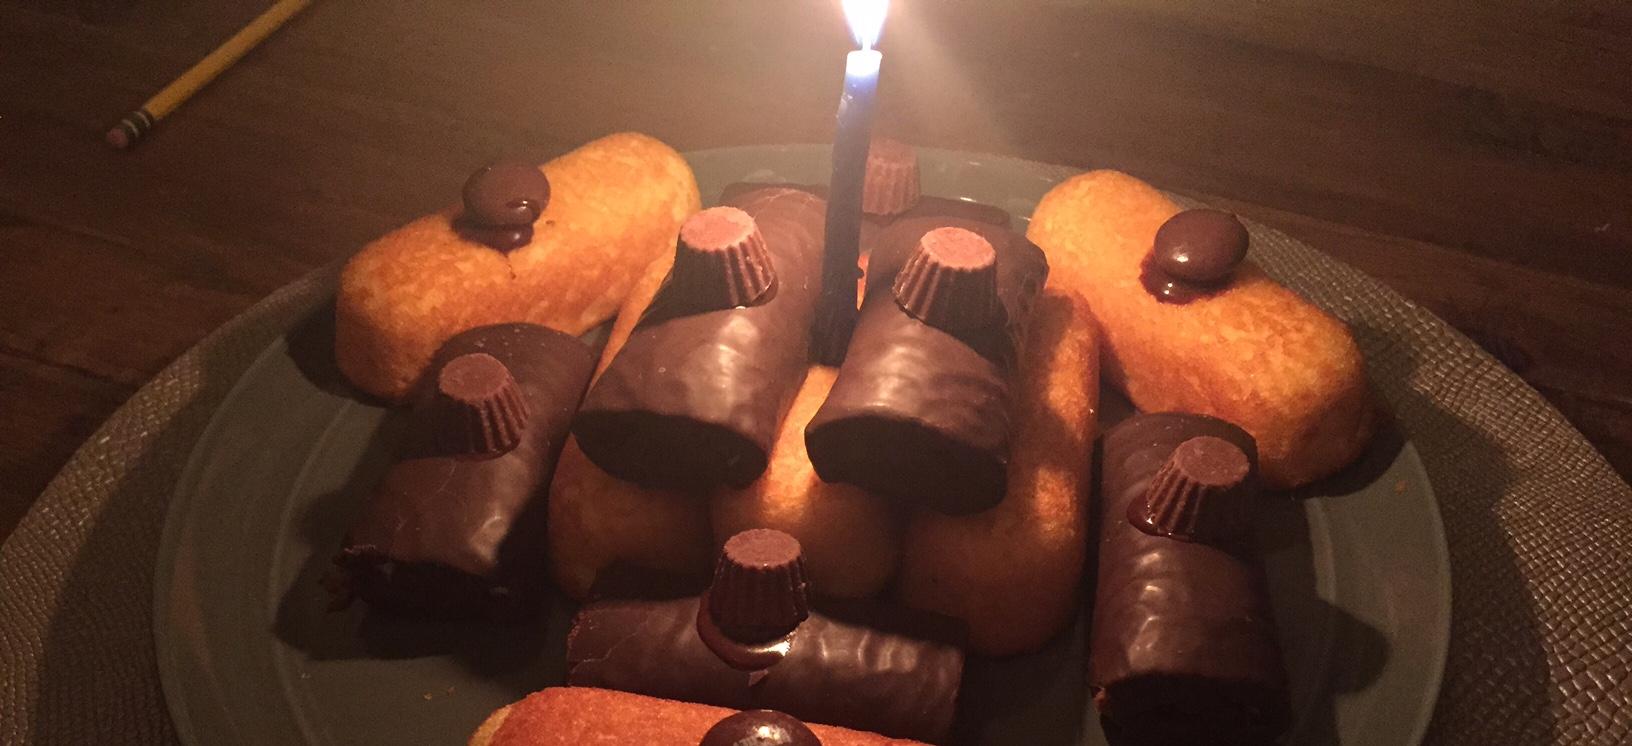 My Son's Twinkie Cake